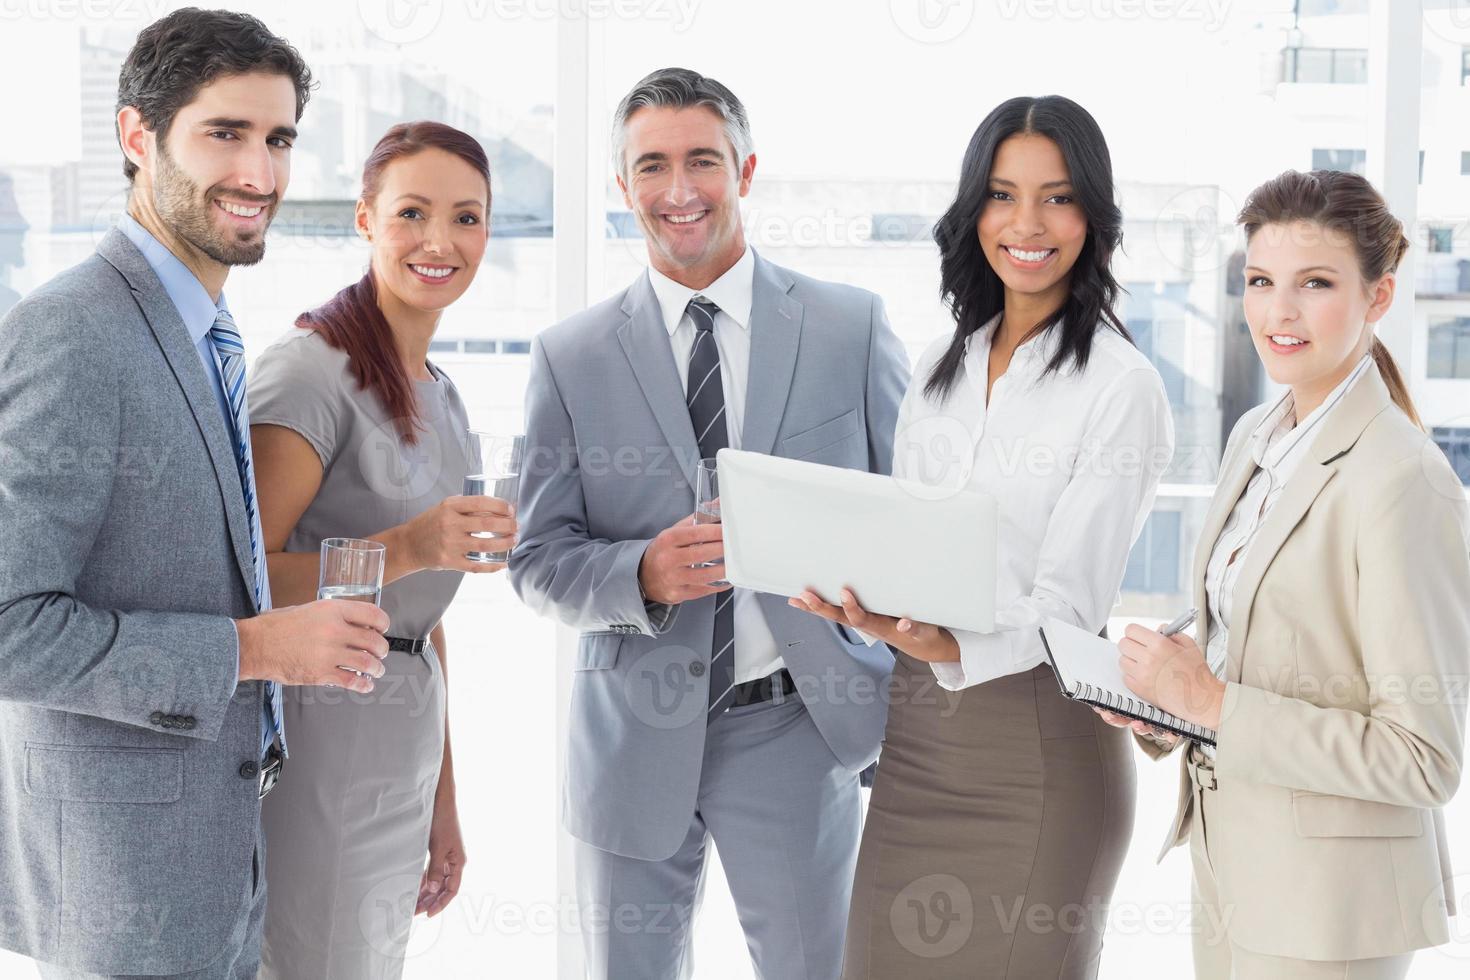 équipe commerciale ayant des boissons photo